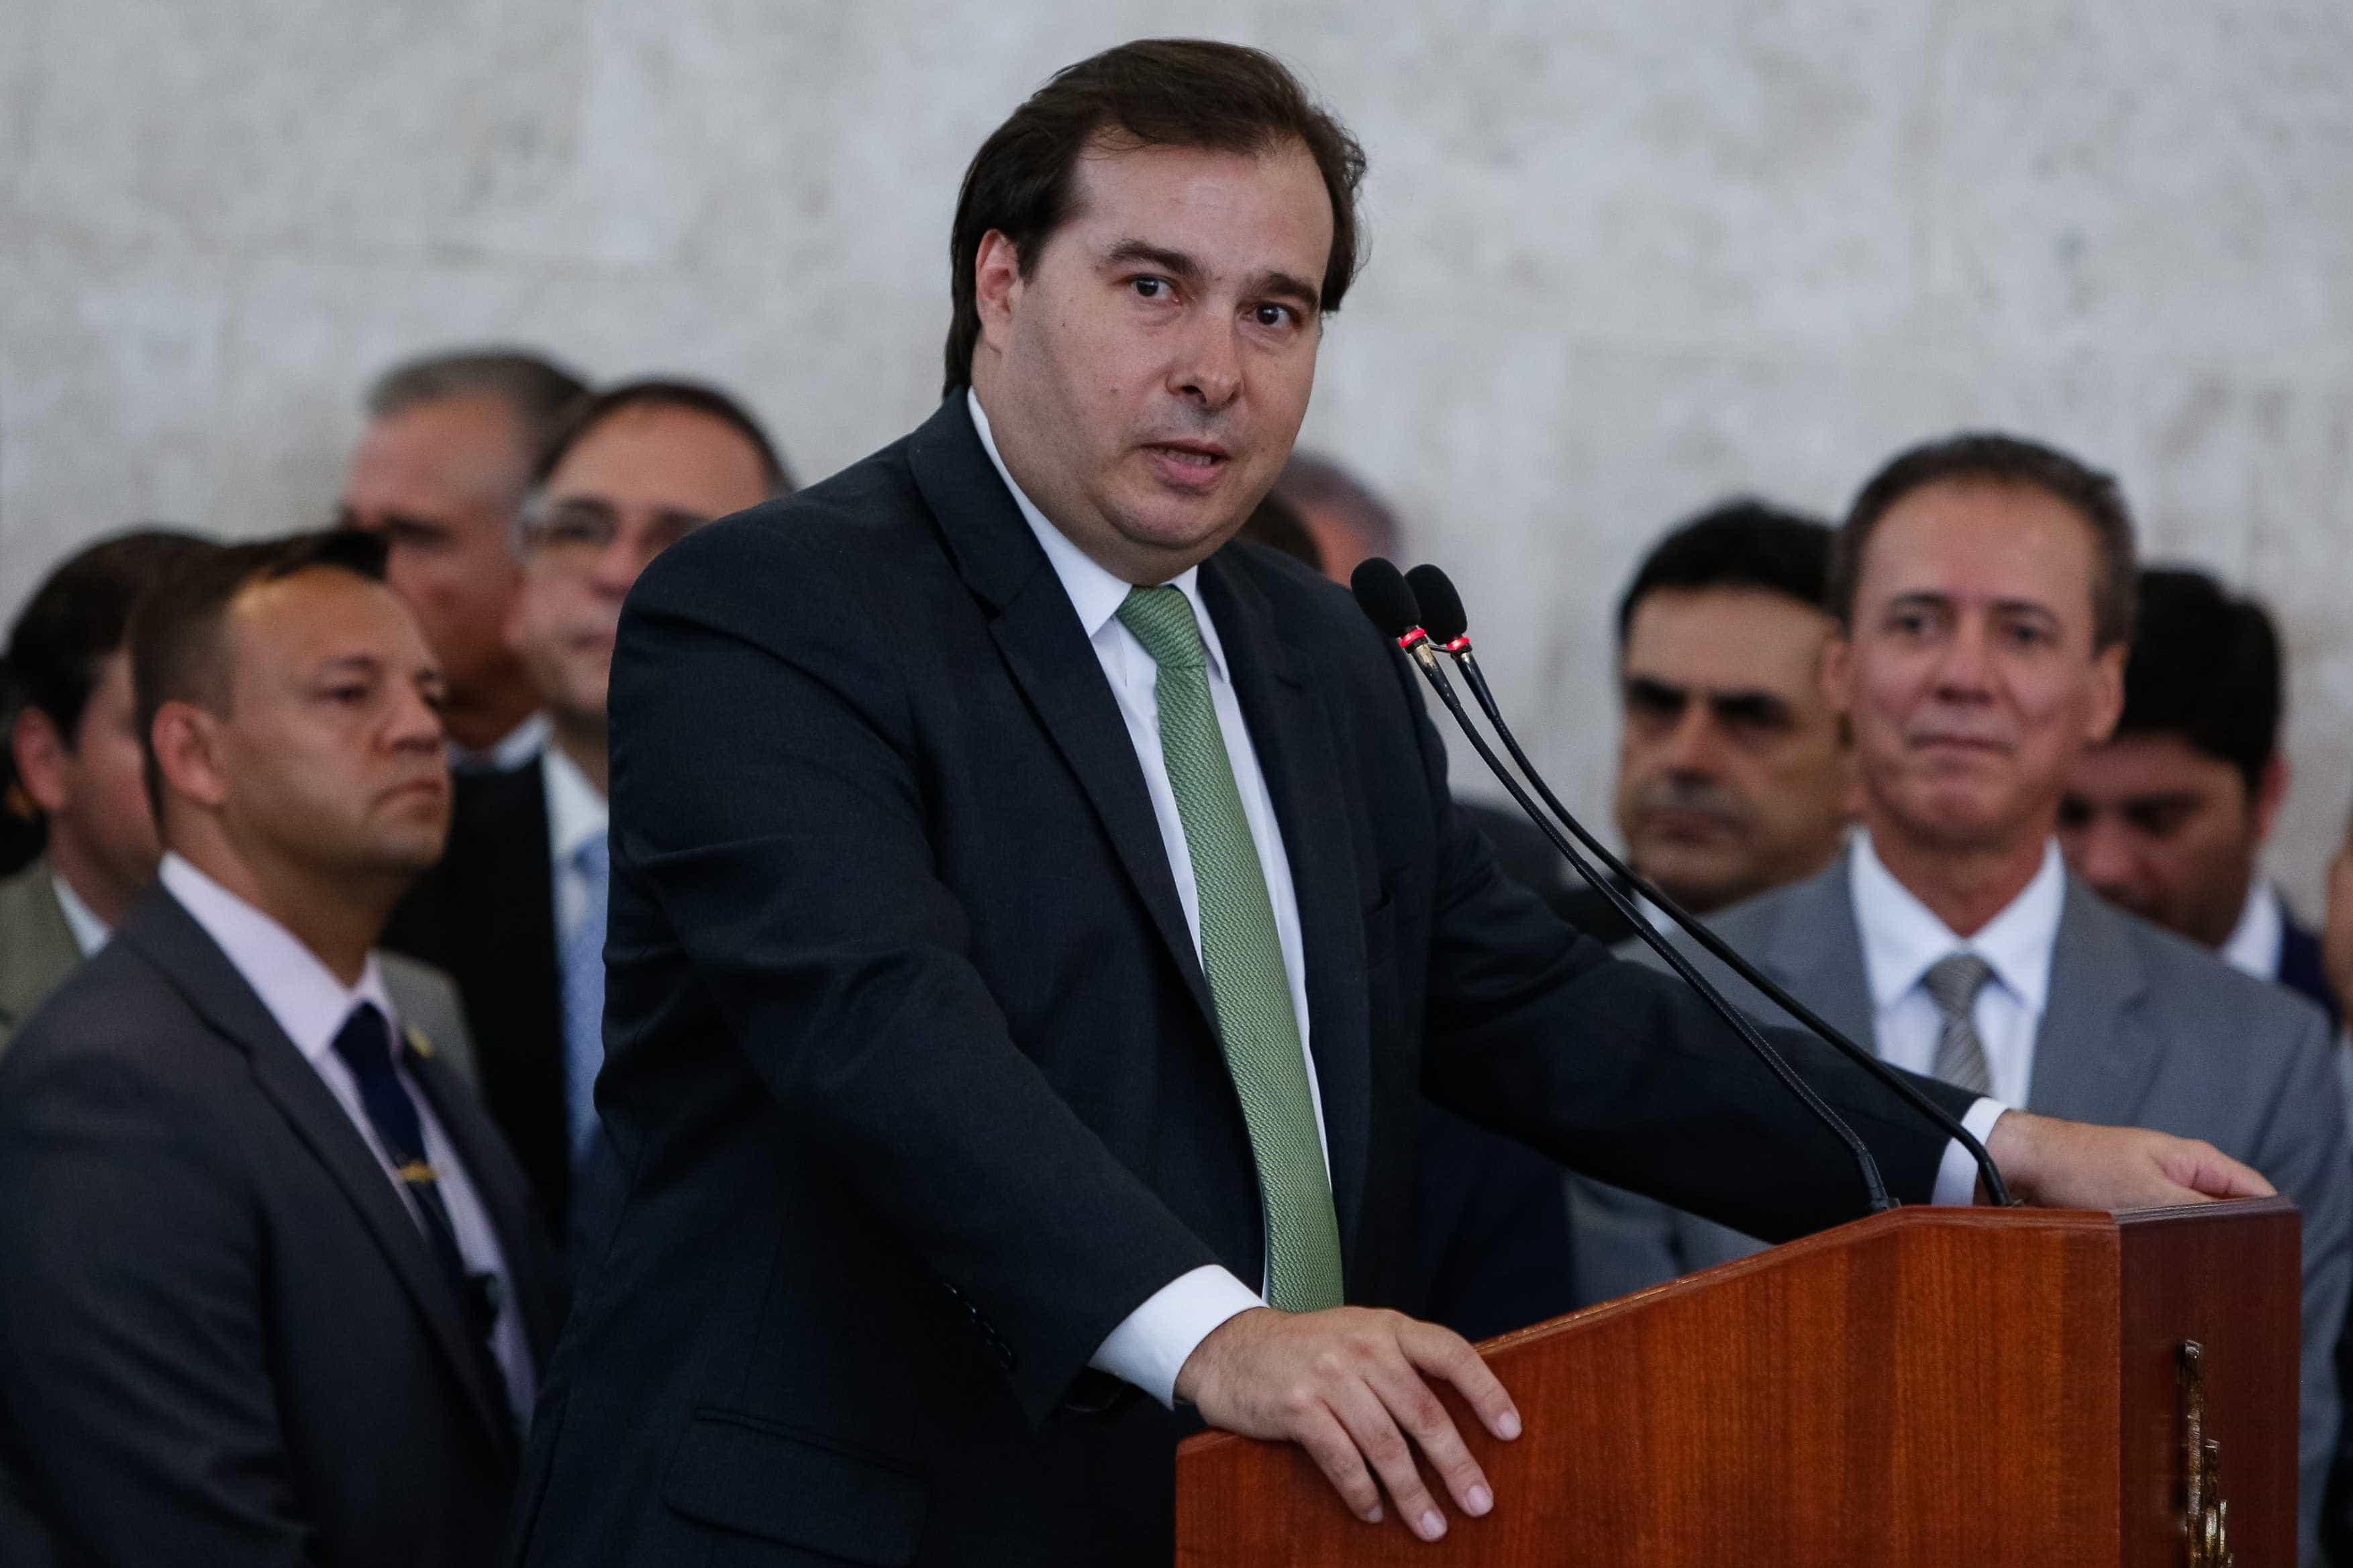 Maia ataca nova pauta econômica do governo: 'Um abuso' e 'um equívoco'